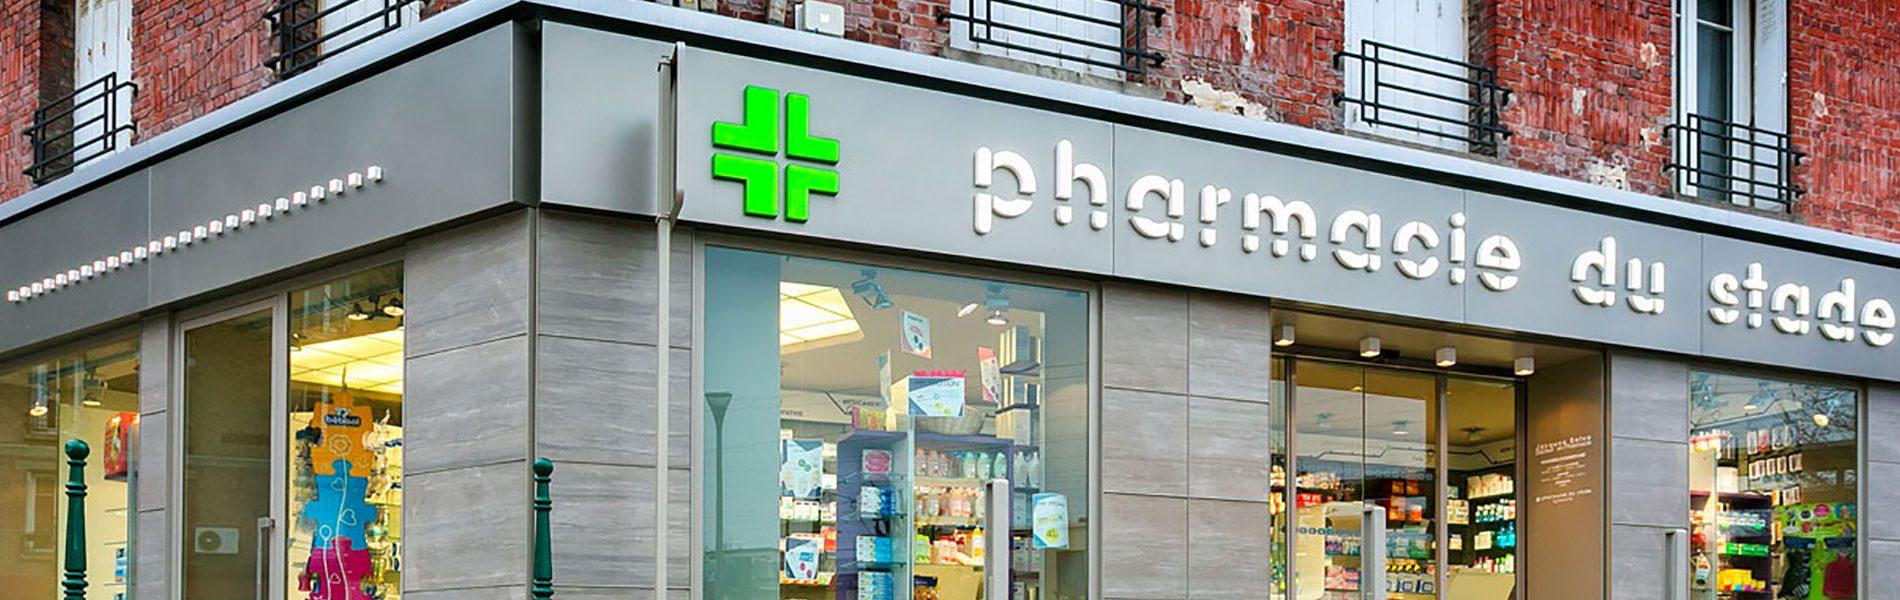 Pharmacie DU STADE - Image Homepage 1